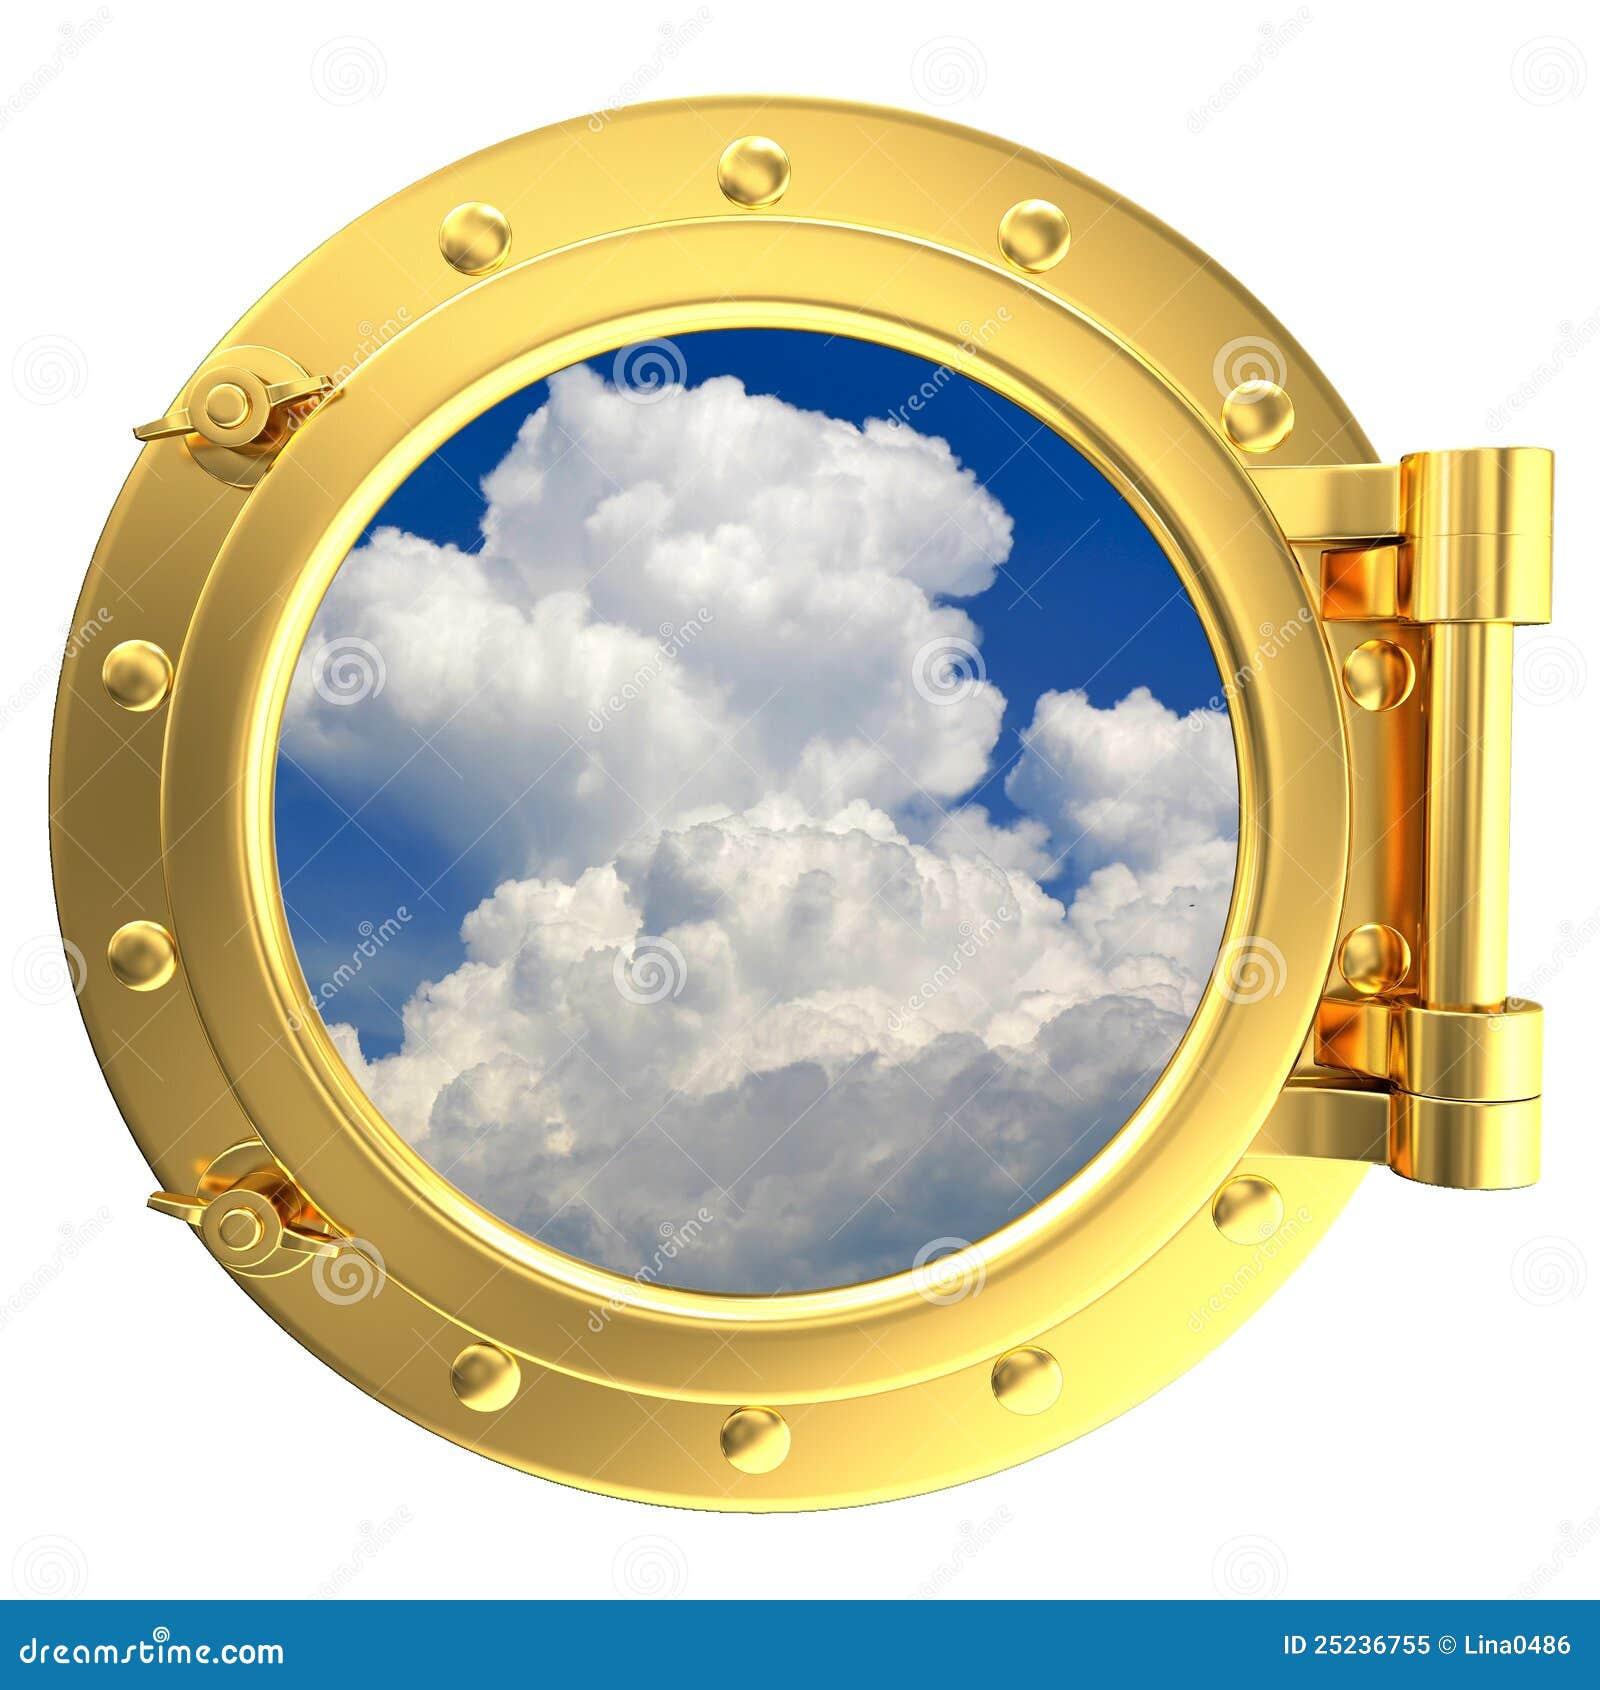 illustration of a gold ship porthole stock illustration illustration of cloudscape navigation. Black Bedroom Furniture Sets. Home Design Ideas